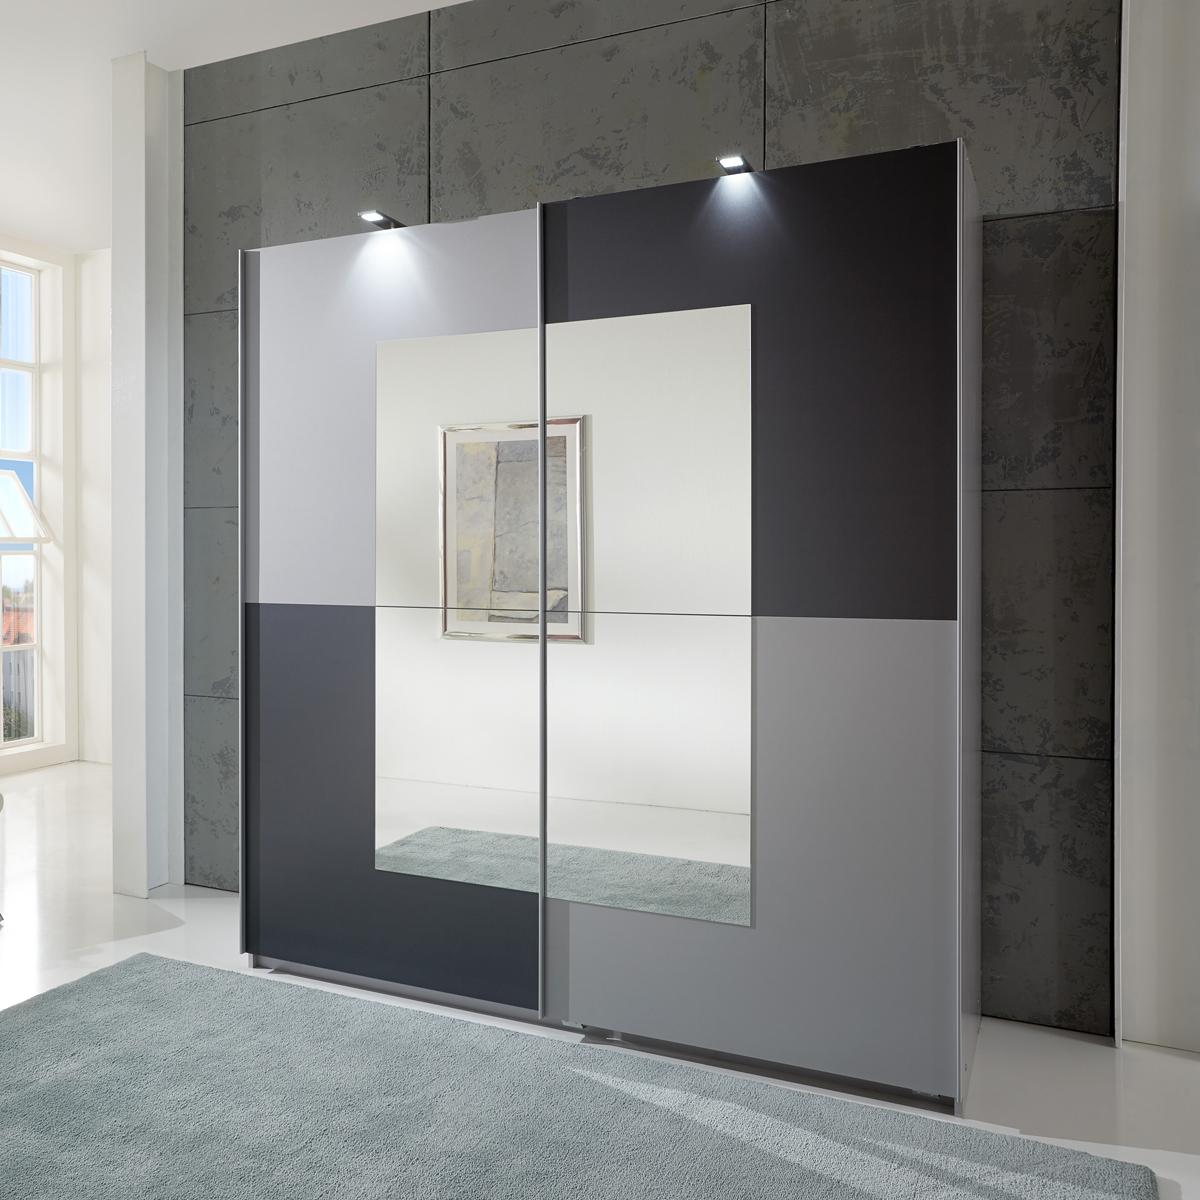 Kleiderschrank spiegel modern  Schlafzimmerschrank Modern Mit Spiegel | gispatcher.com